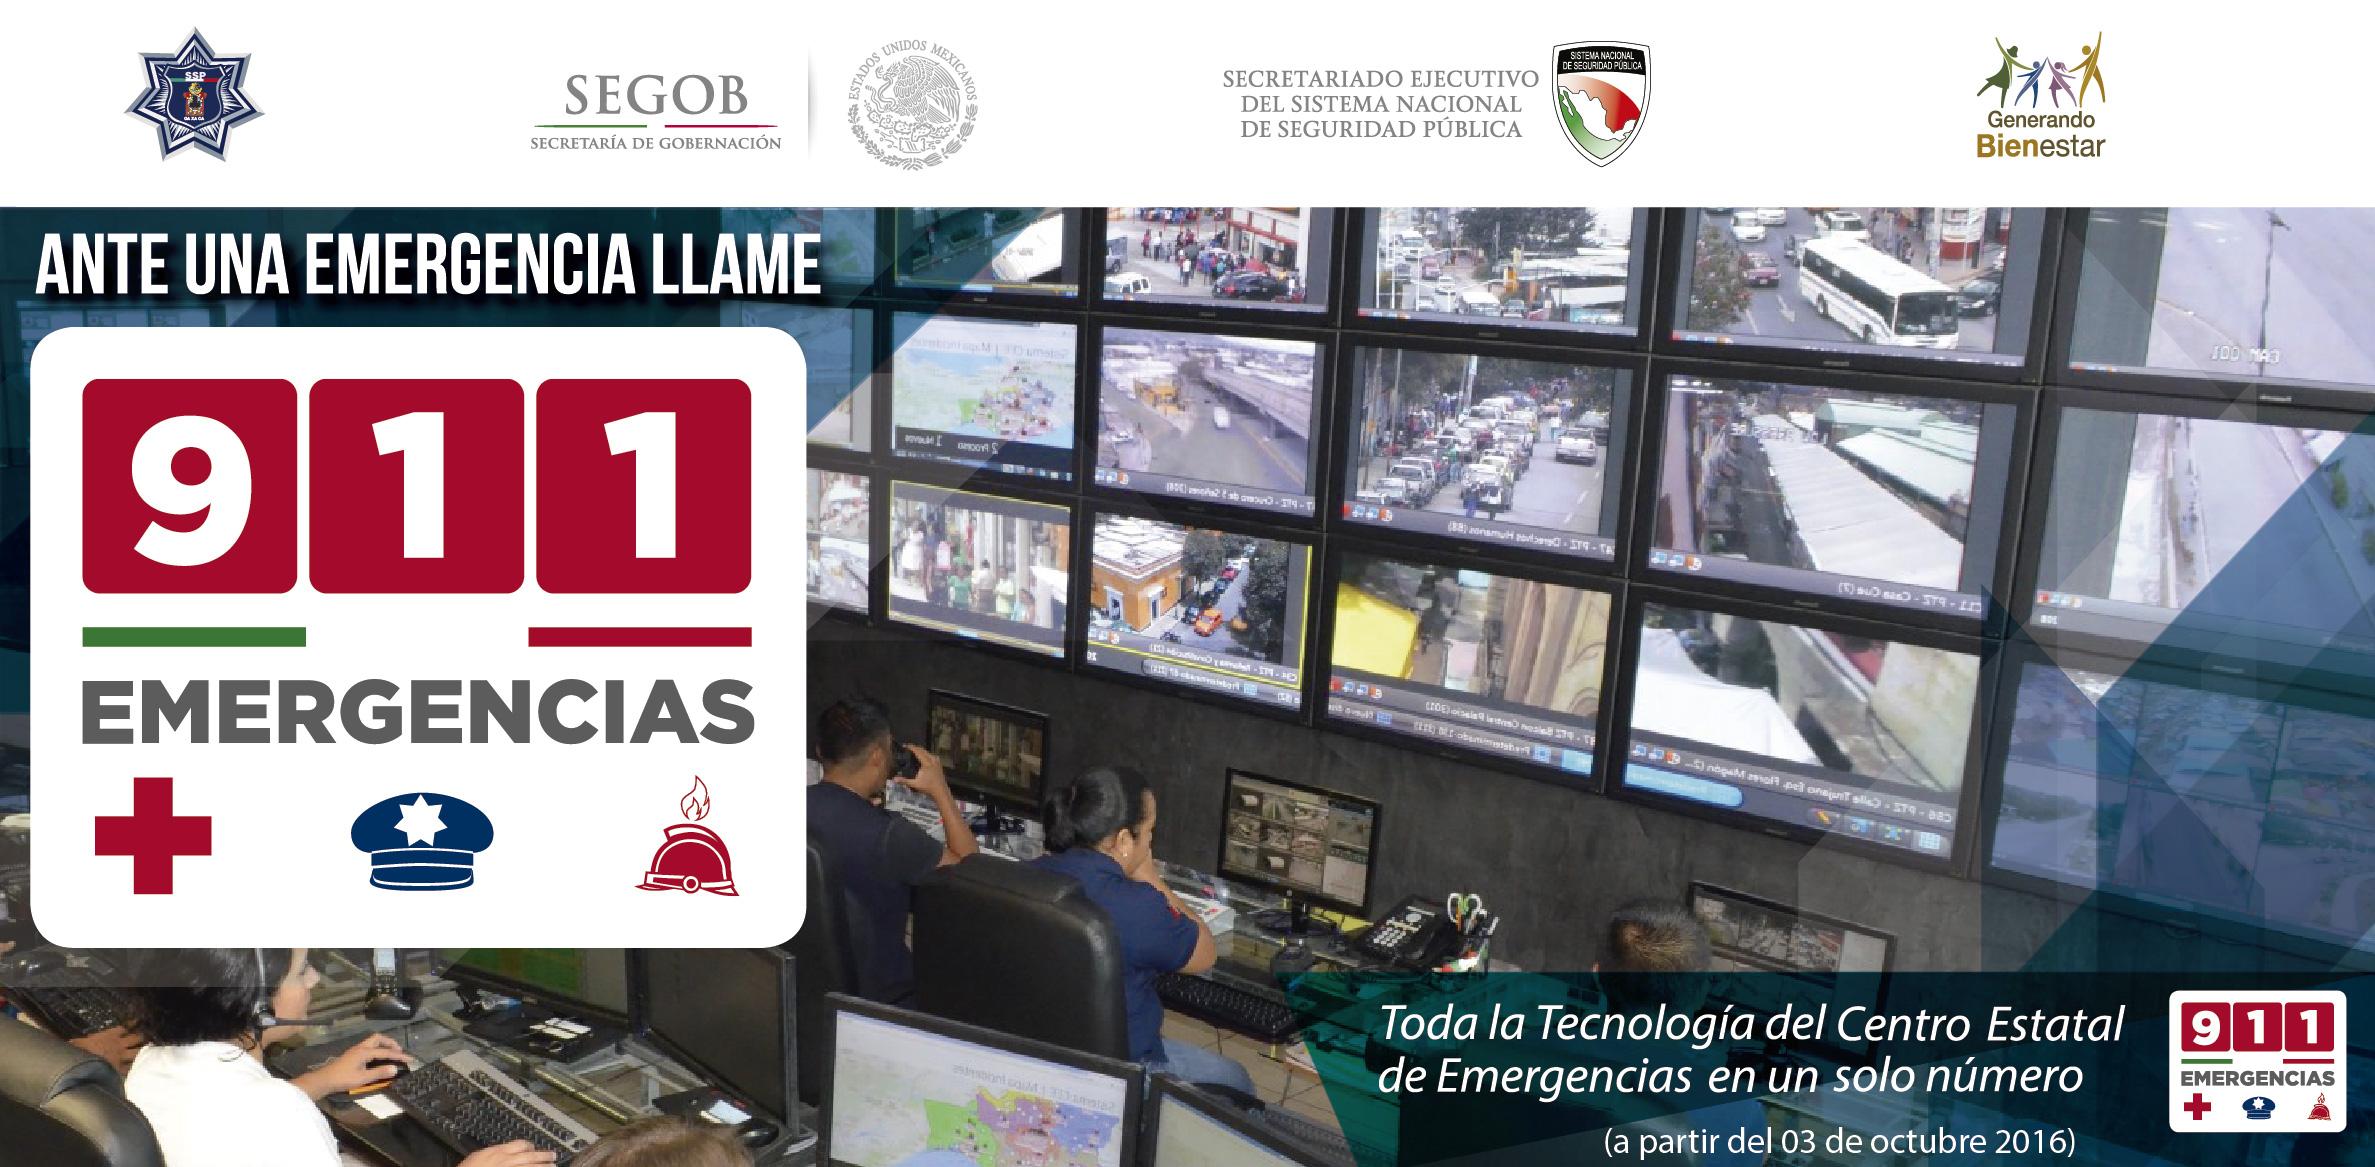 SERVICIO TELEFÓNICO DE EMERGENCIAS 066 MIGRARÁ AL 911: SSPO